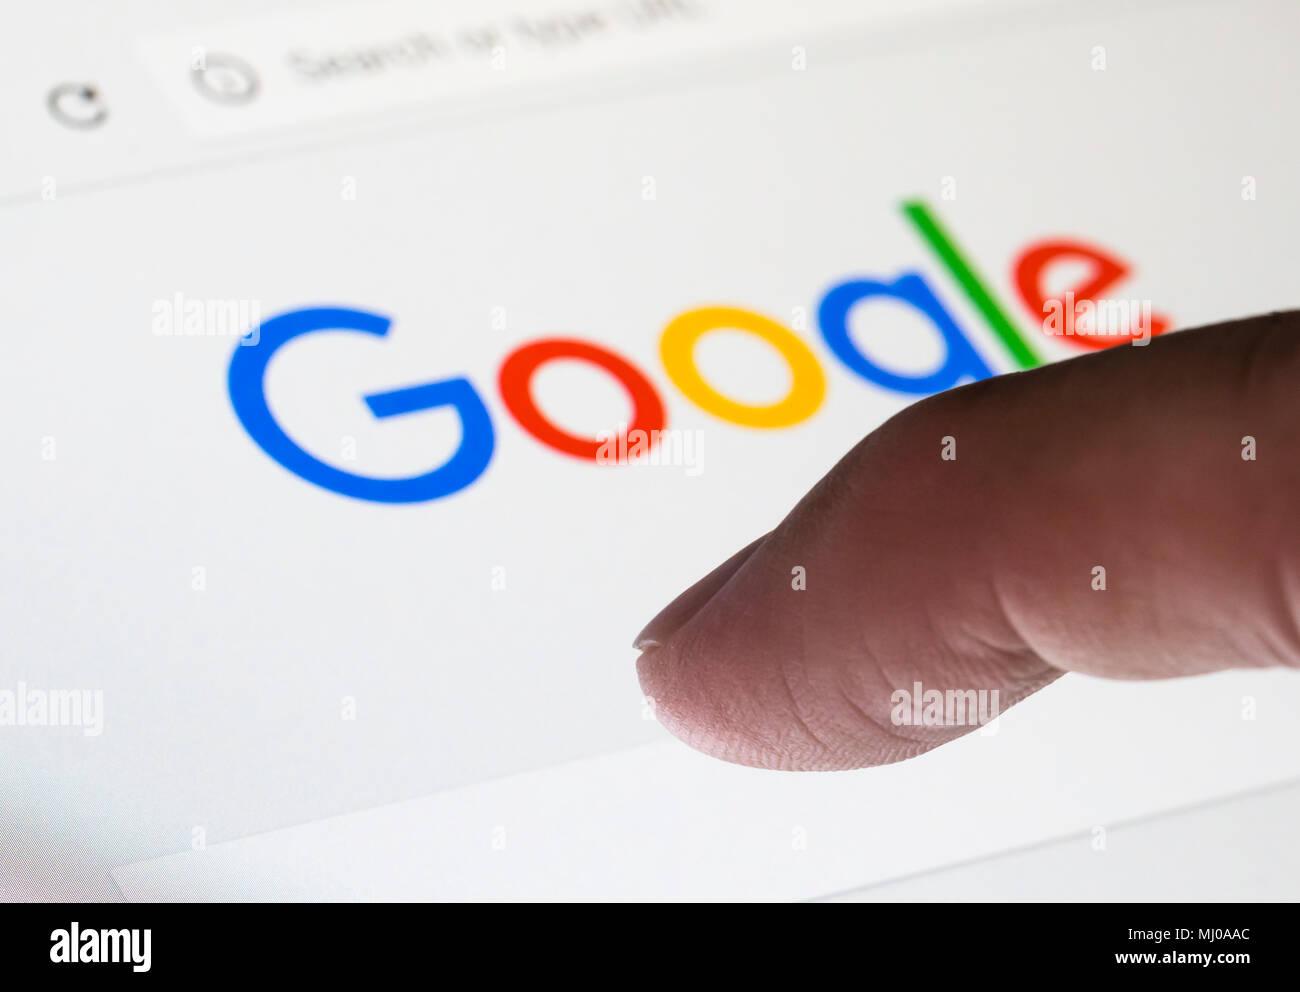 Sobre los dedos para escribir una búsqueda en Google, el motor de búsqueda de Internet Web. Imagen De Stock